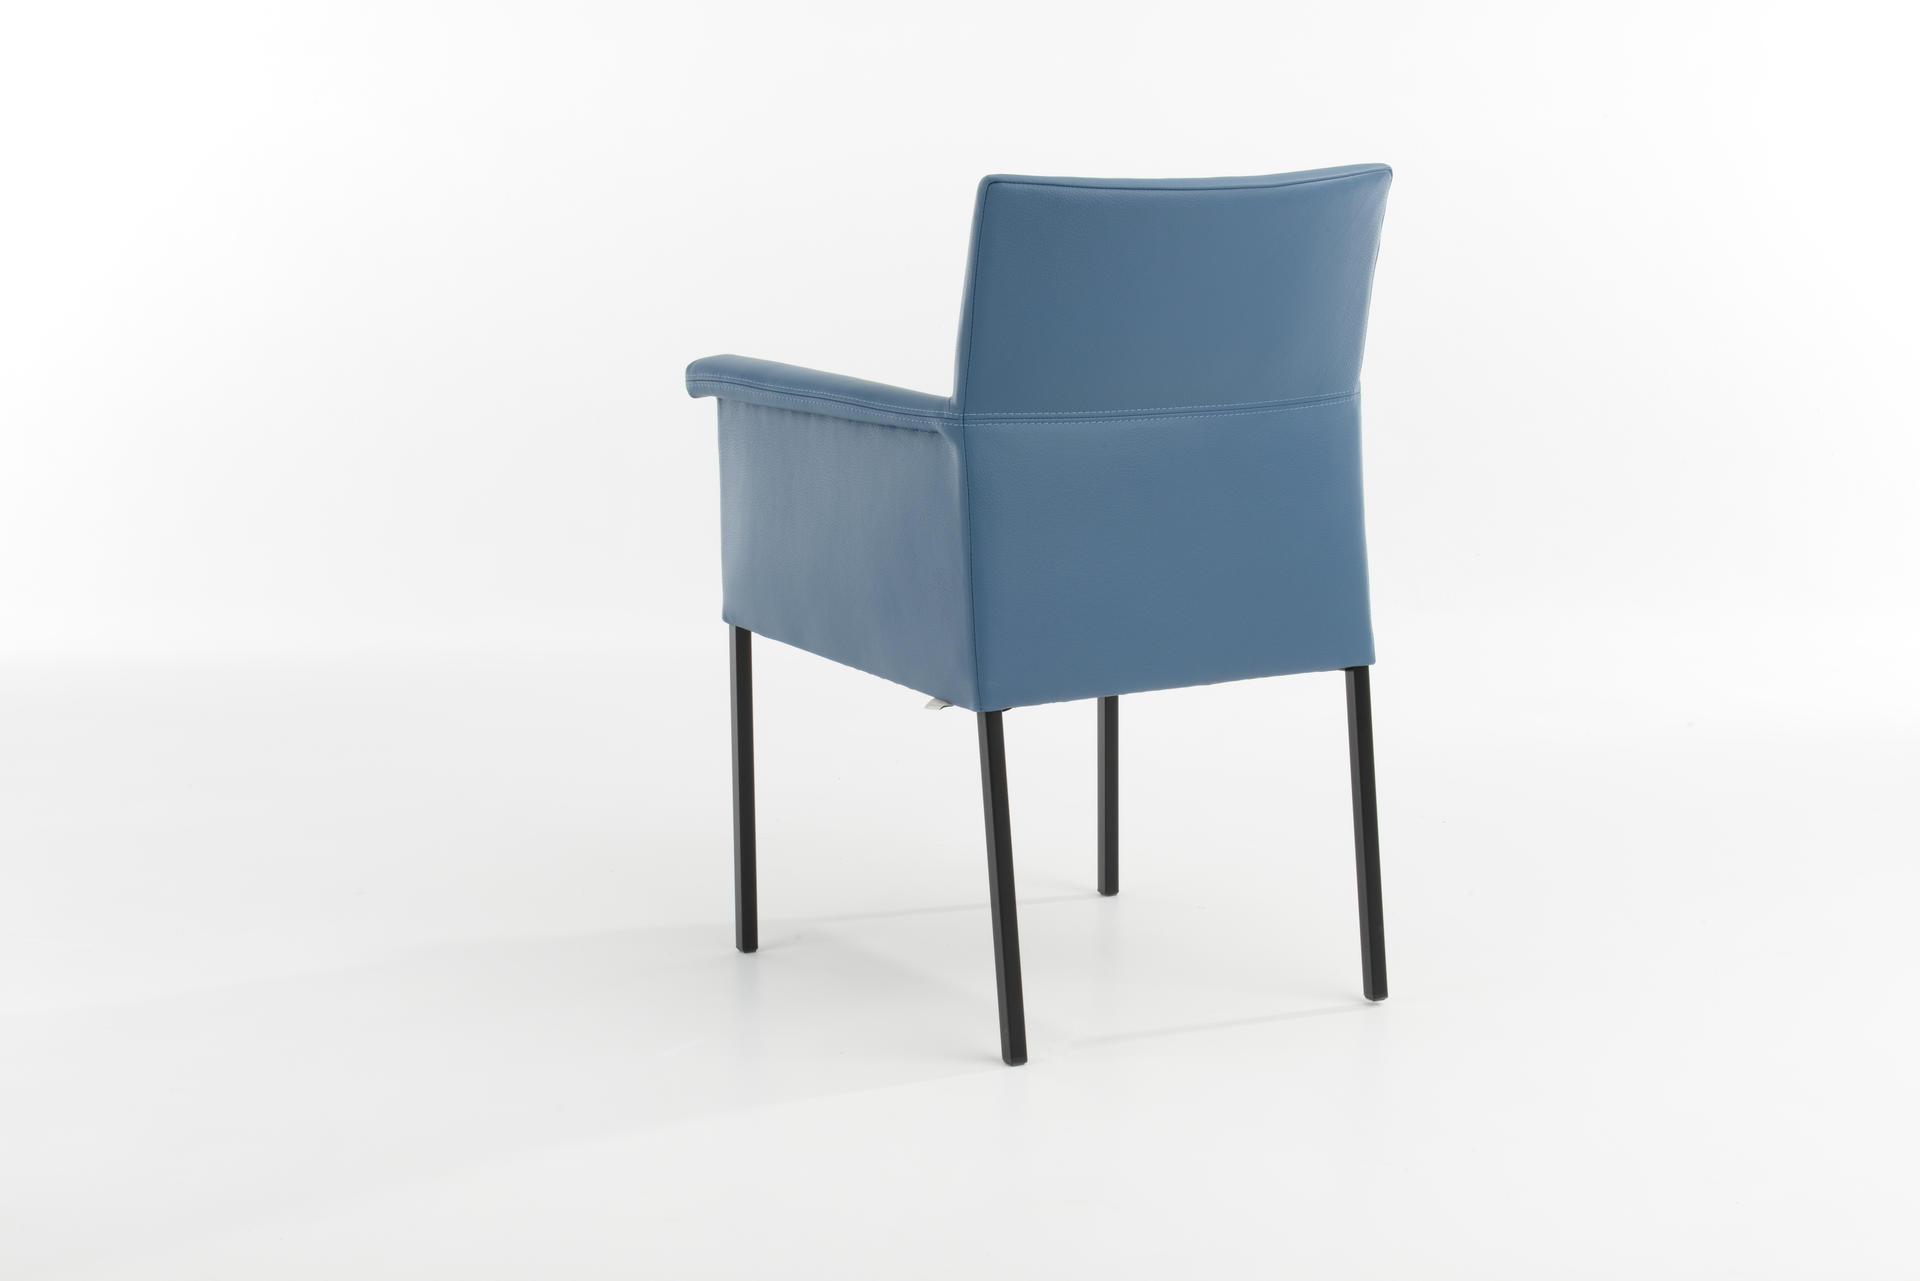 кресло  Groove, Bert Plantagie, фото 3